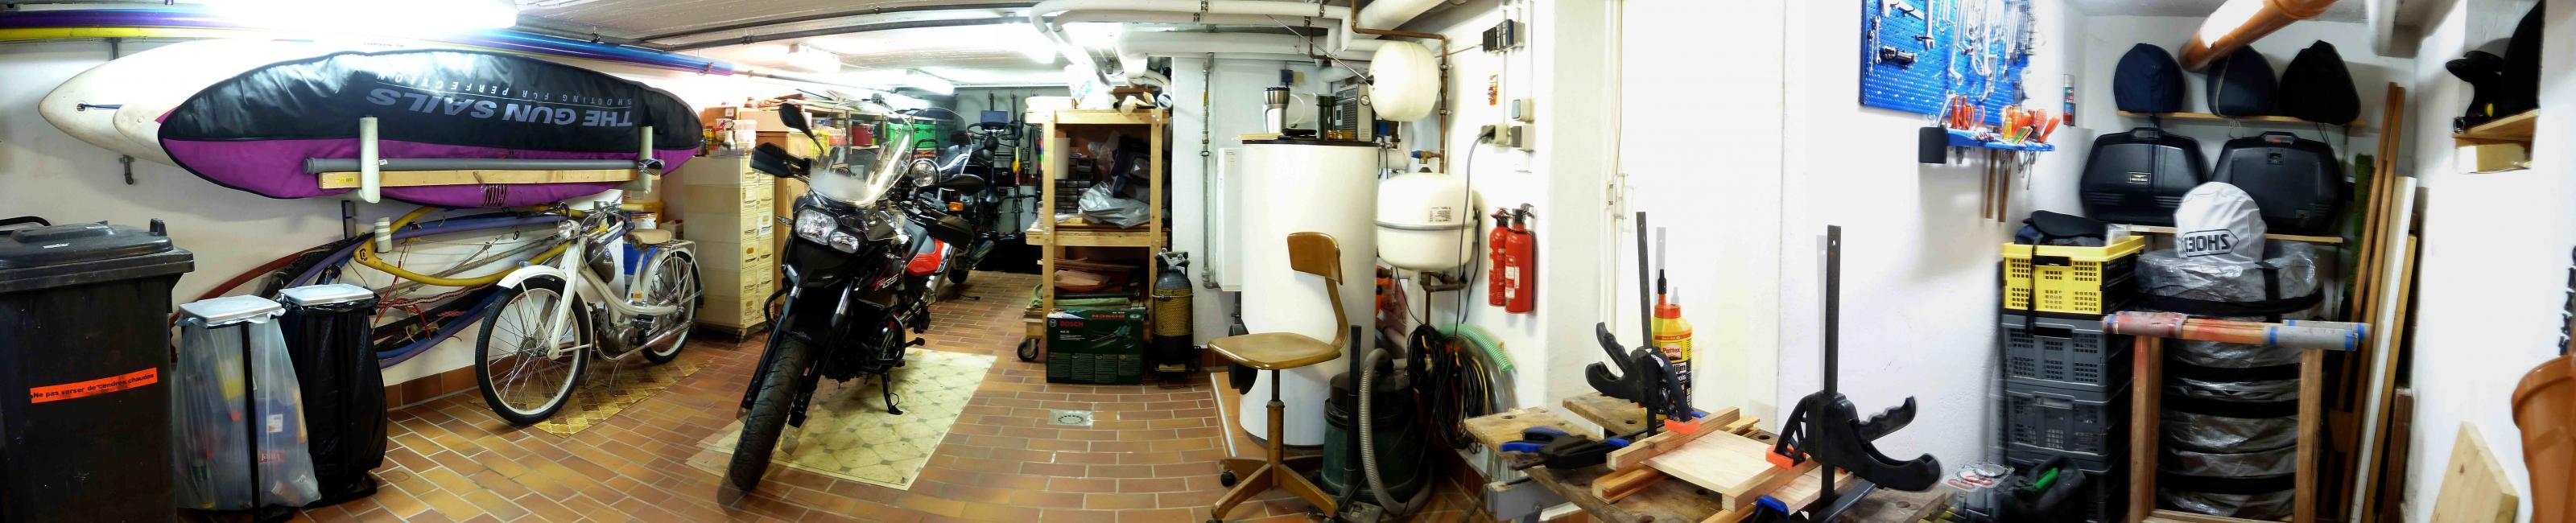 garage02kl.jpg